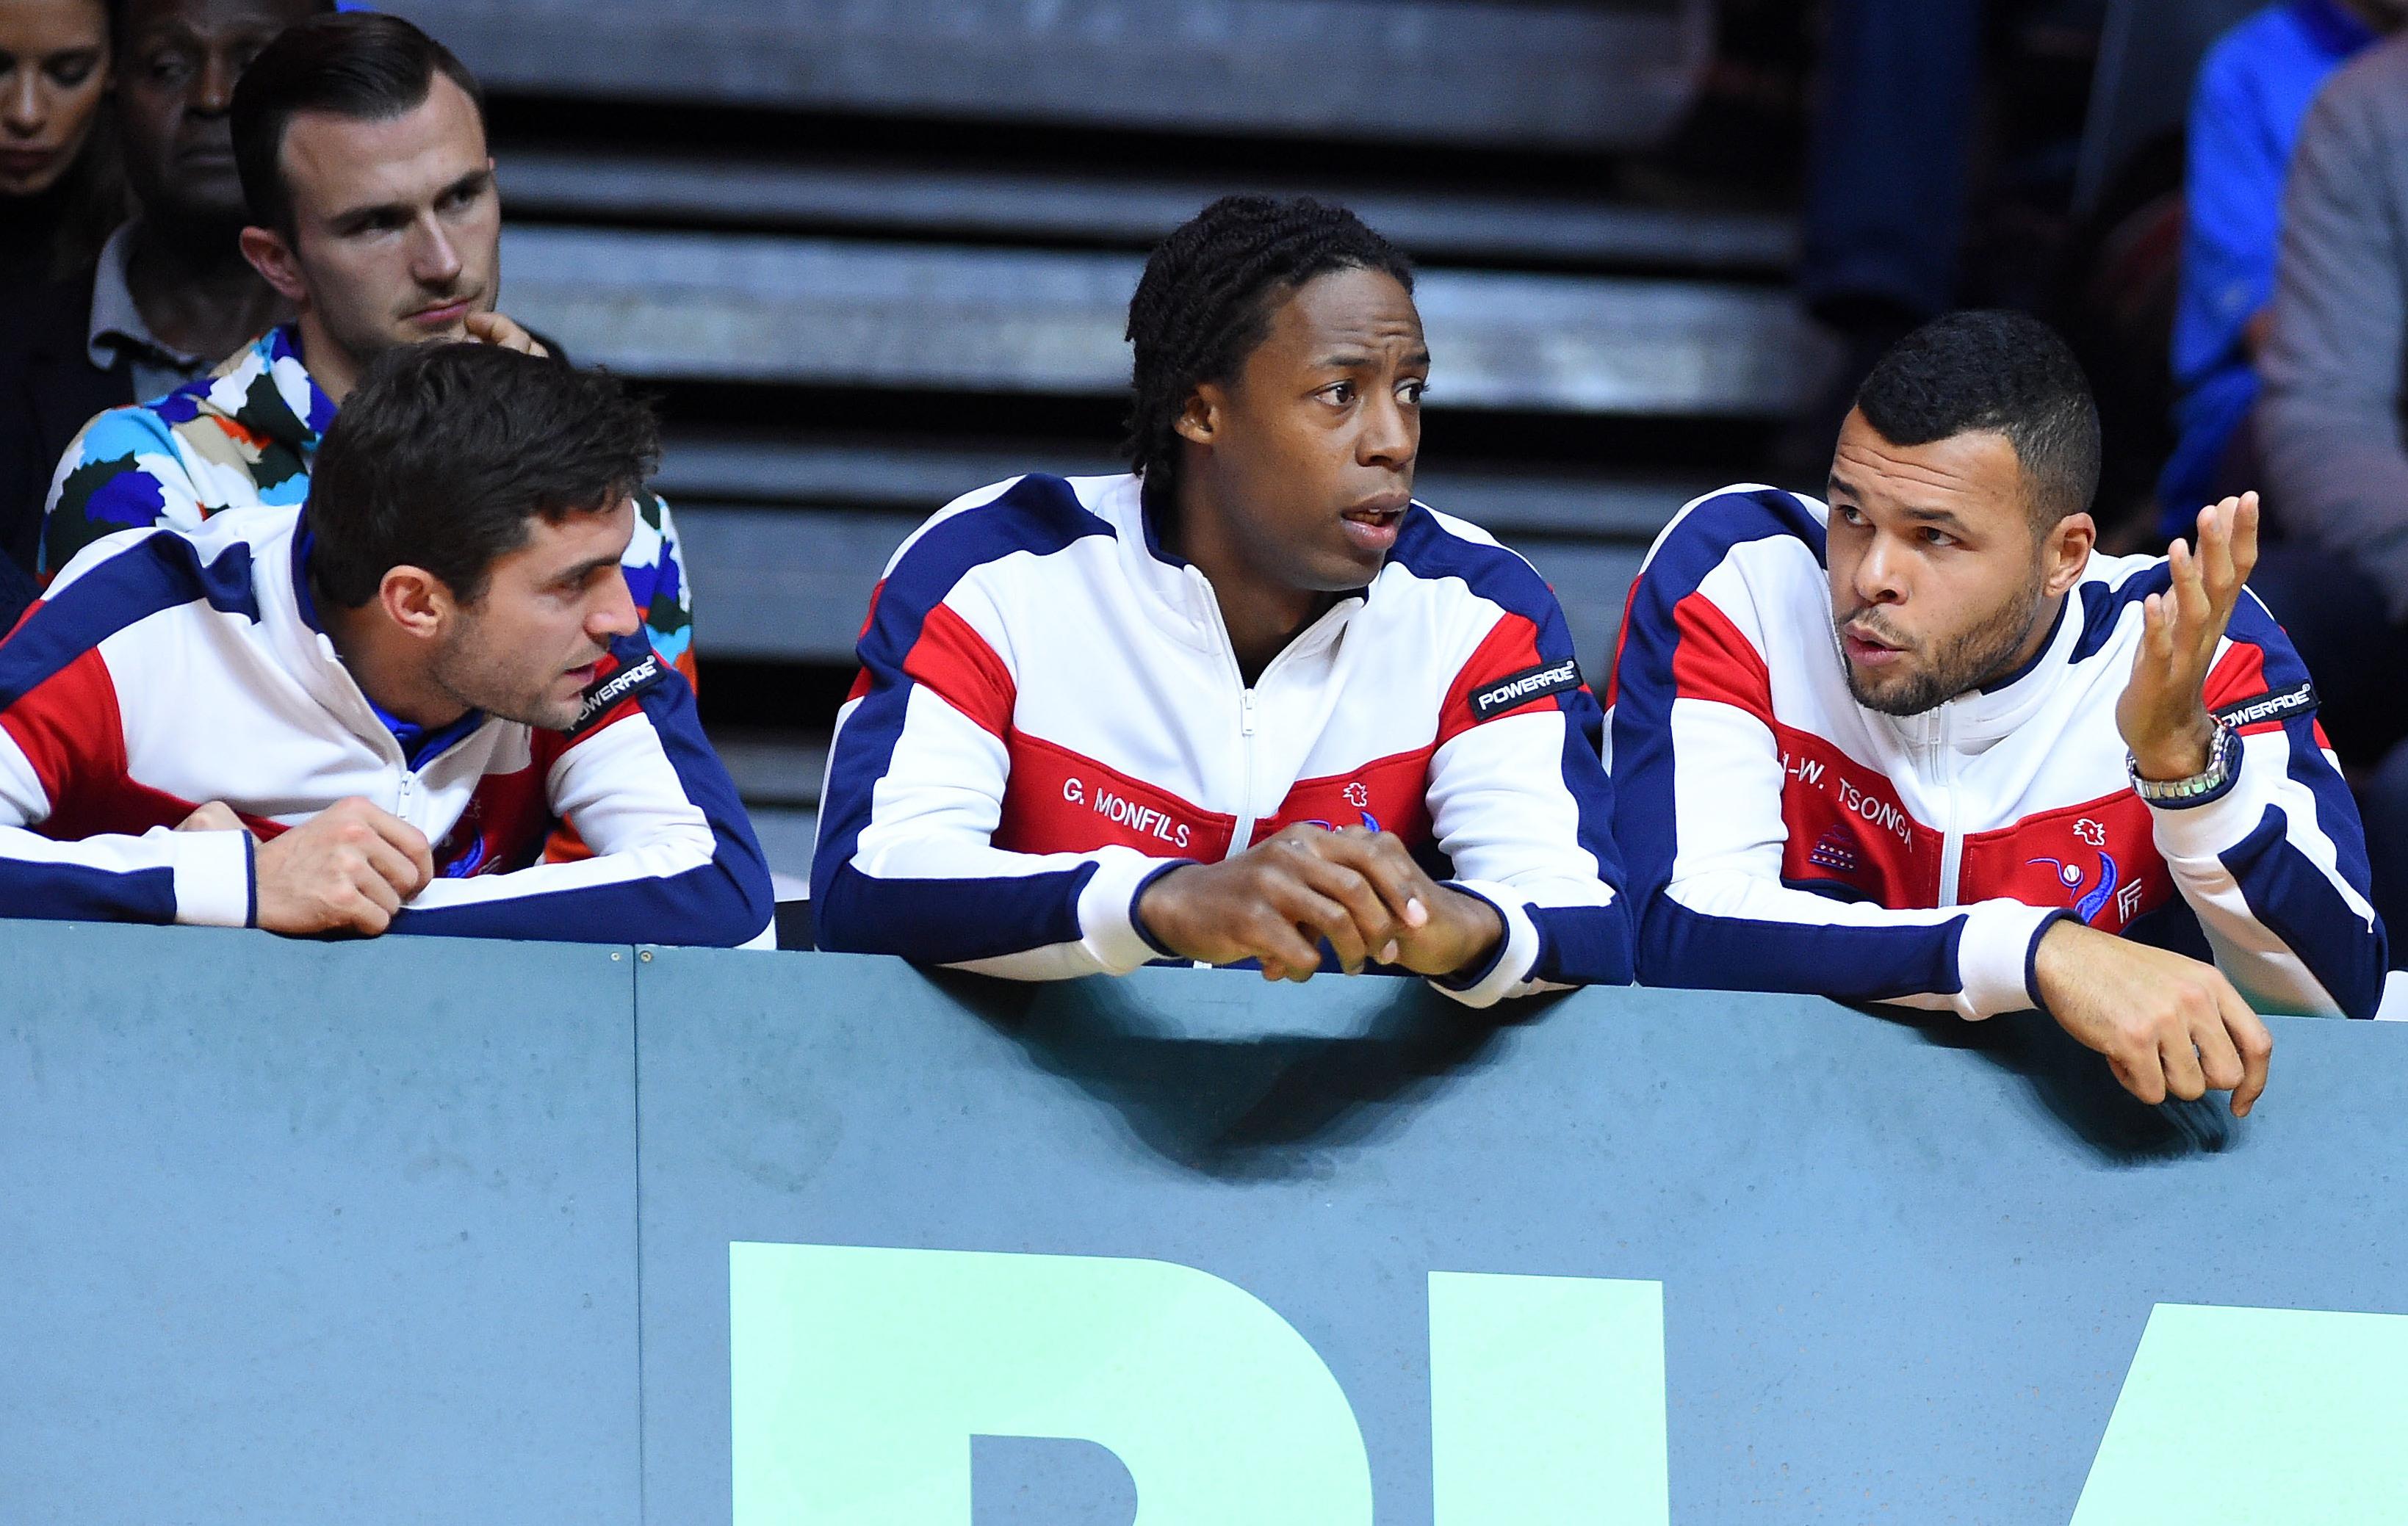 Tennis - Coupe Davis - Le forfait de Monfils fait grincer des dents